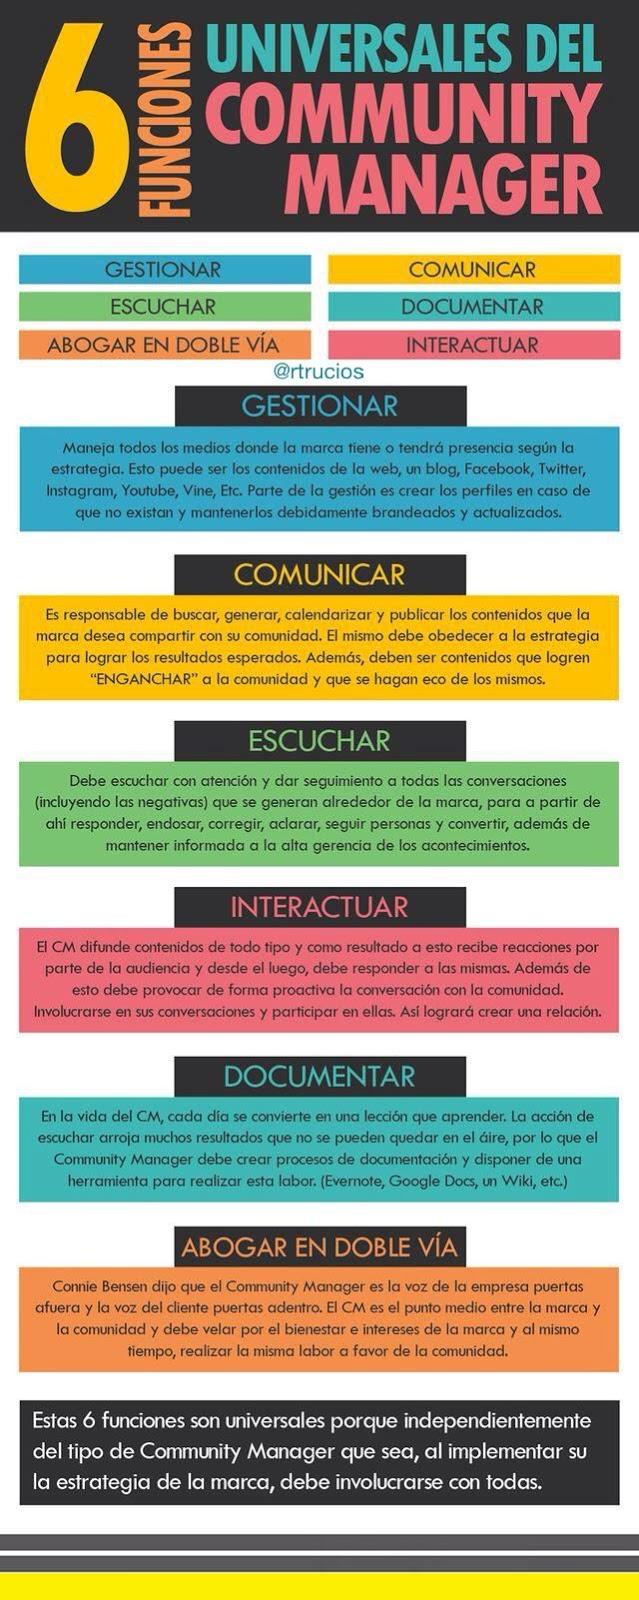 CUALES SON LAS  FUNCIONES DE UN COMMUNITY MANAGER - Gestionar / Escuchar / Comunicar / Documentar / Interactuar / Abogar